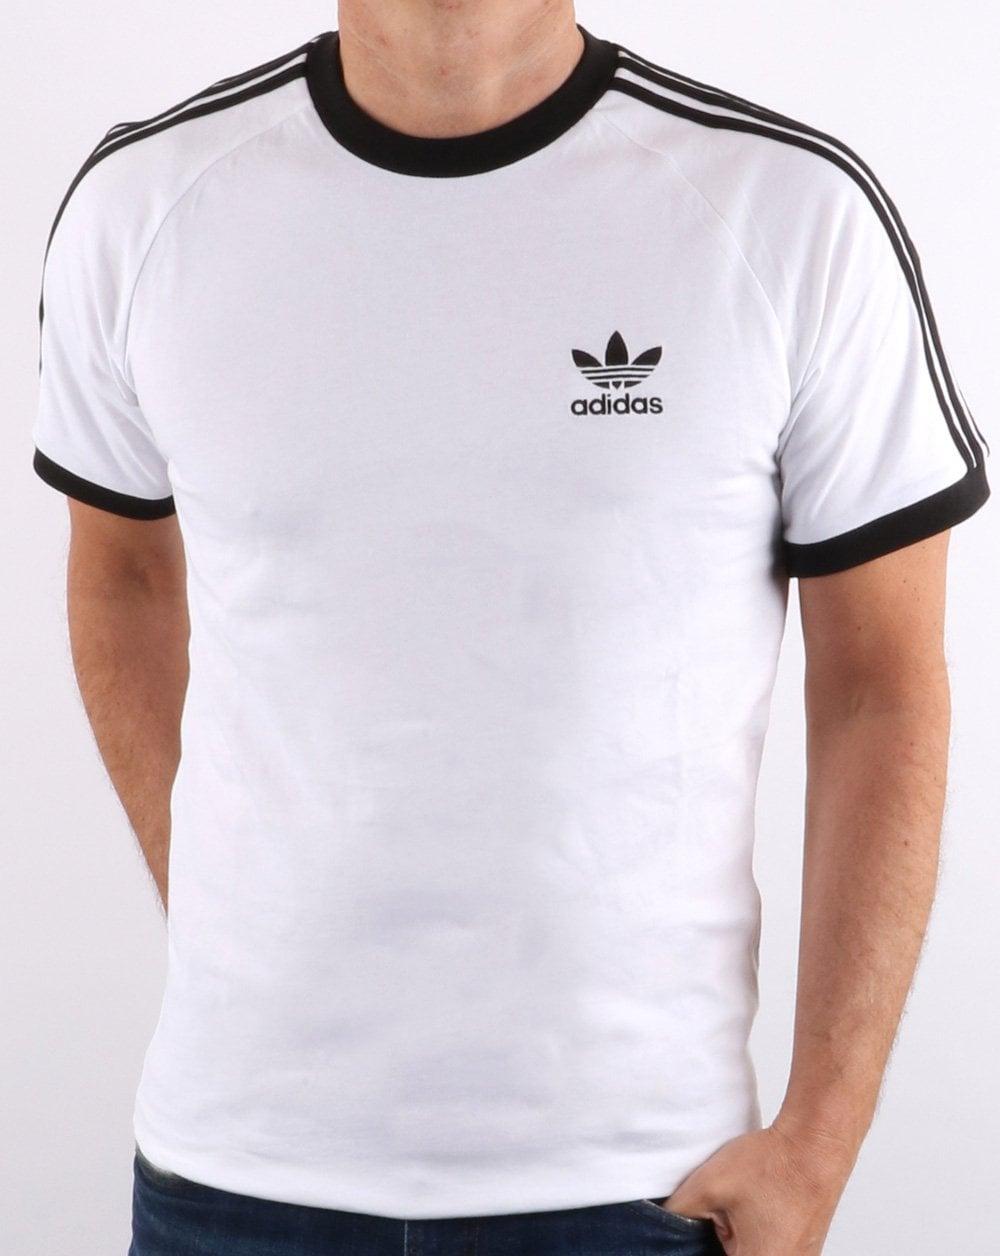 d4961ce86 Adidas Originals Retro 3 Stripes T Shirt White